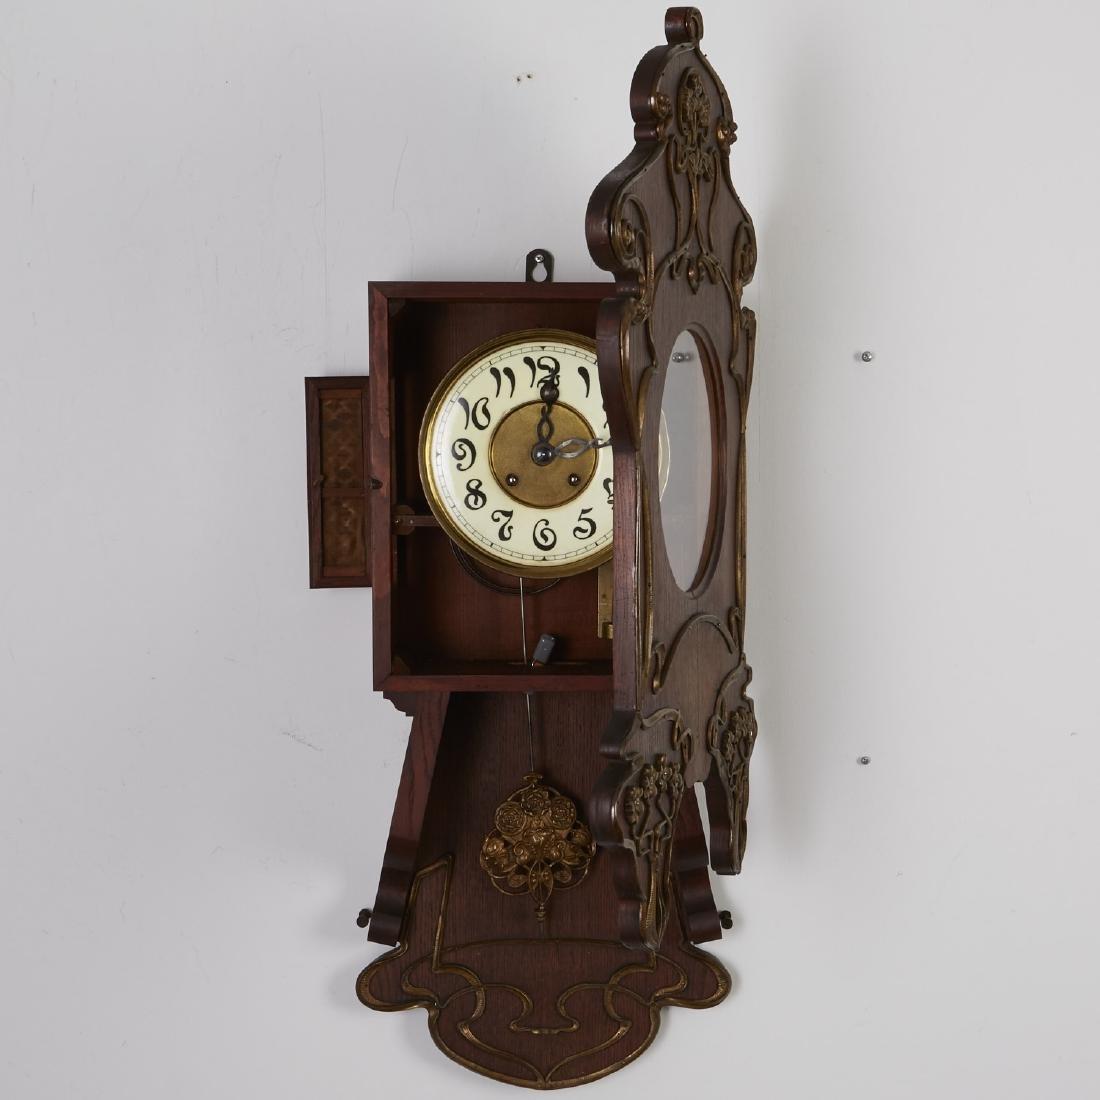 Lenzkirch German Art Nouveau Wall Clock - 4